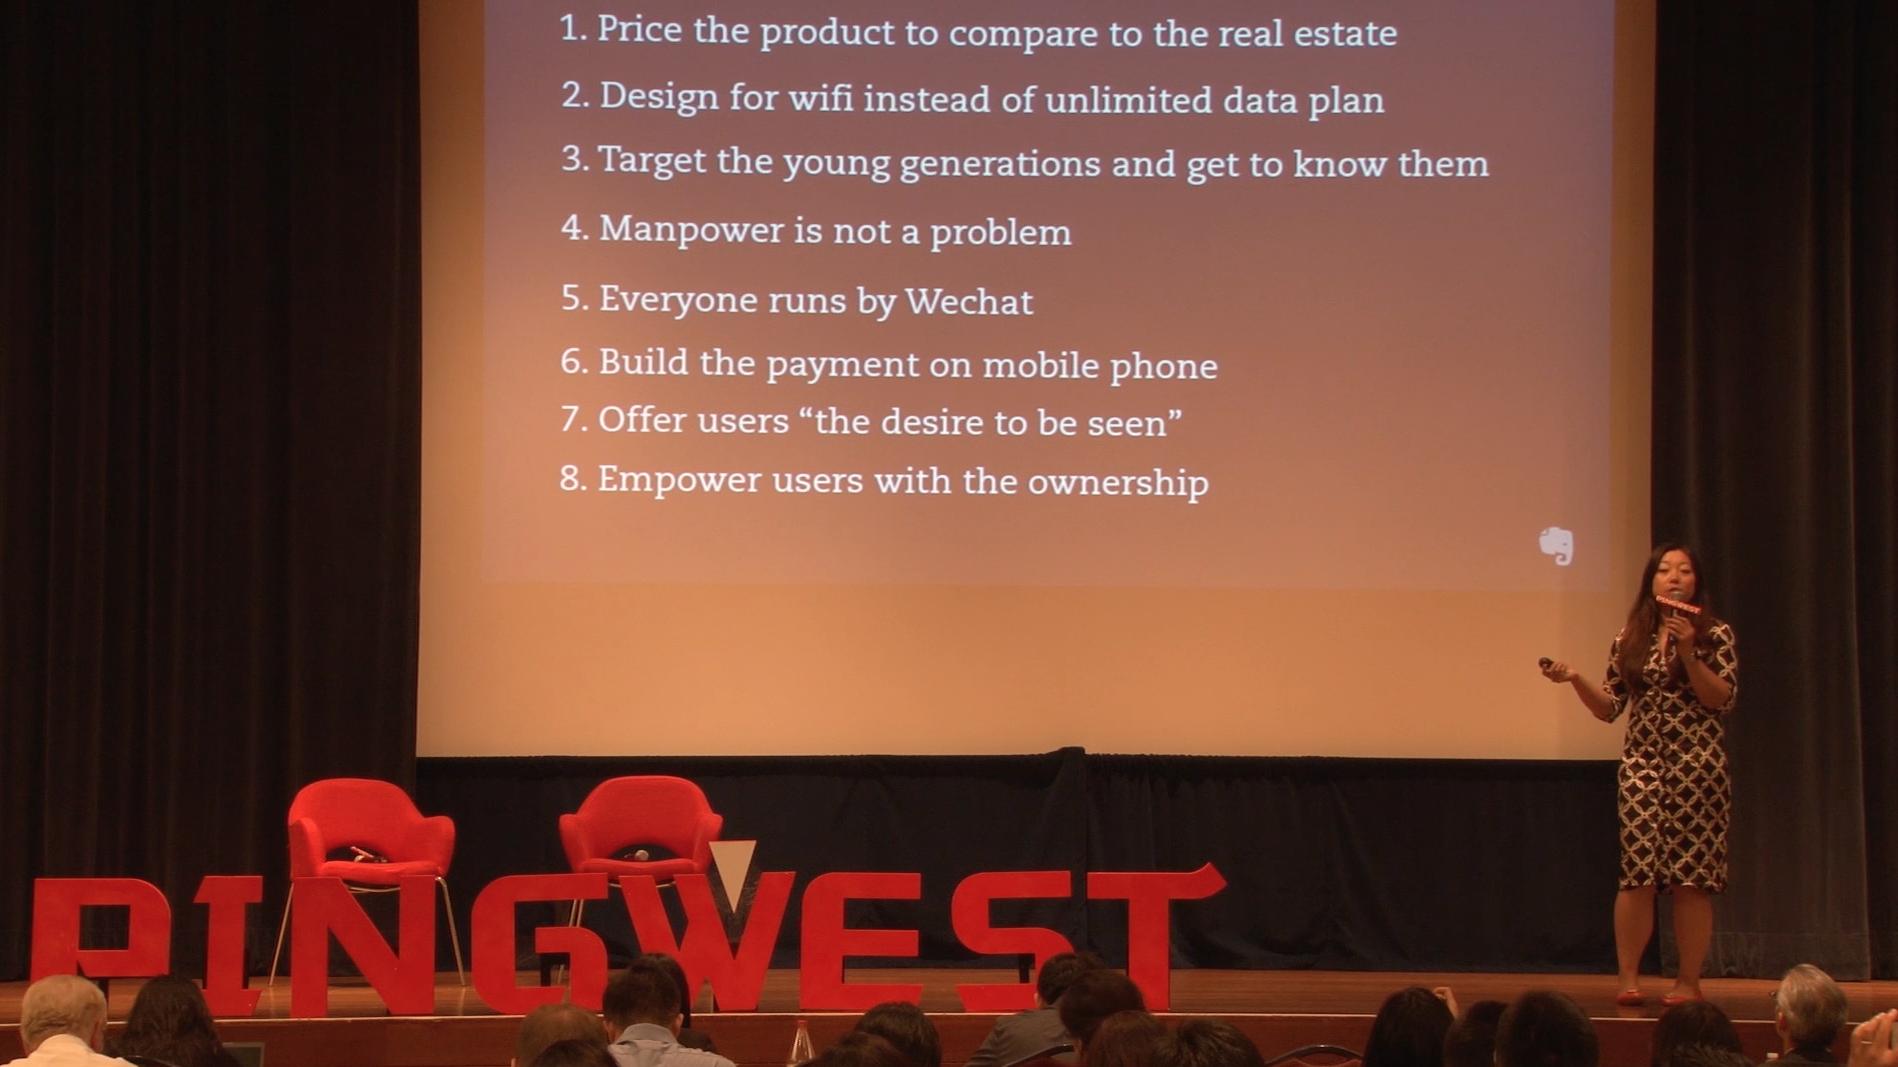 【SYNC旧金山】Evernote中国区总经理:想要征服中国用户,你需要明白这几件事-PingWest 品玩